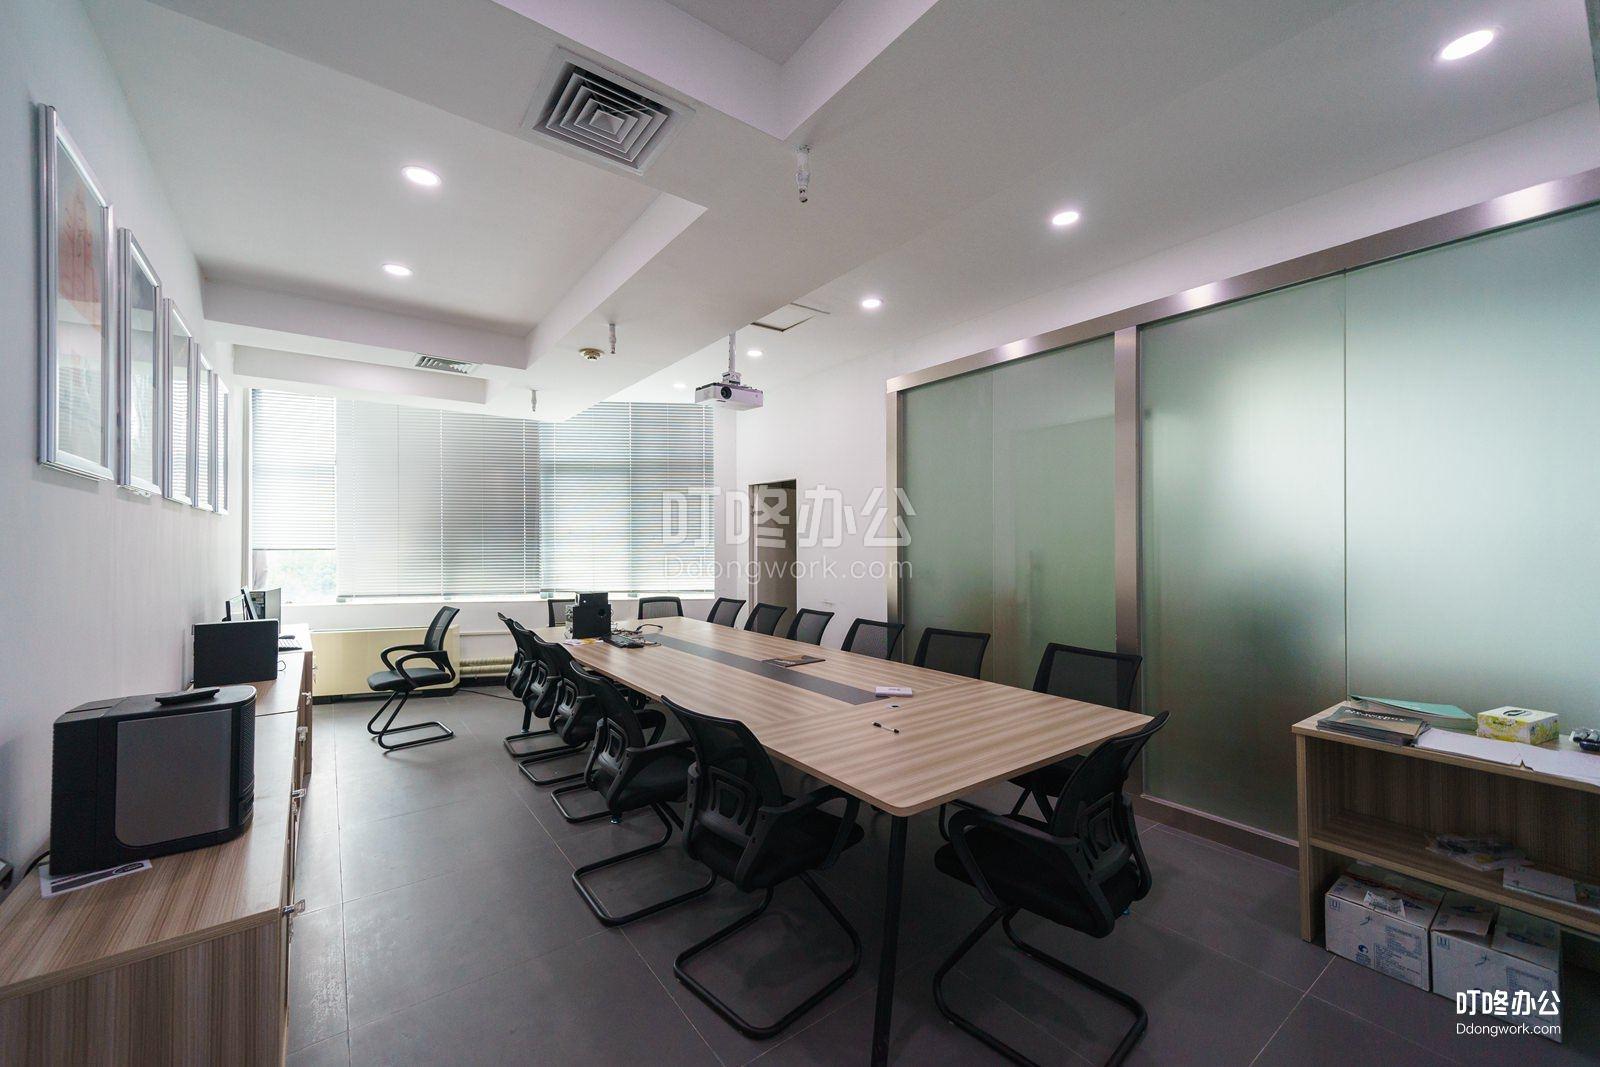 筹小鸭科技众创空间会议室